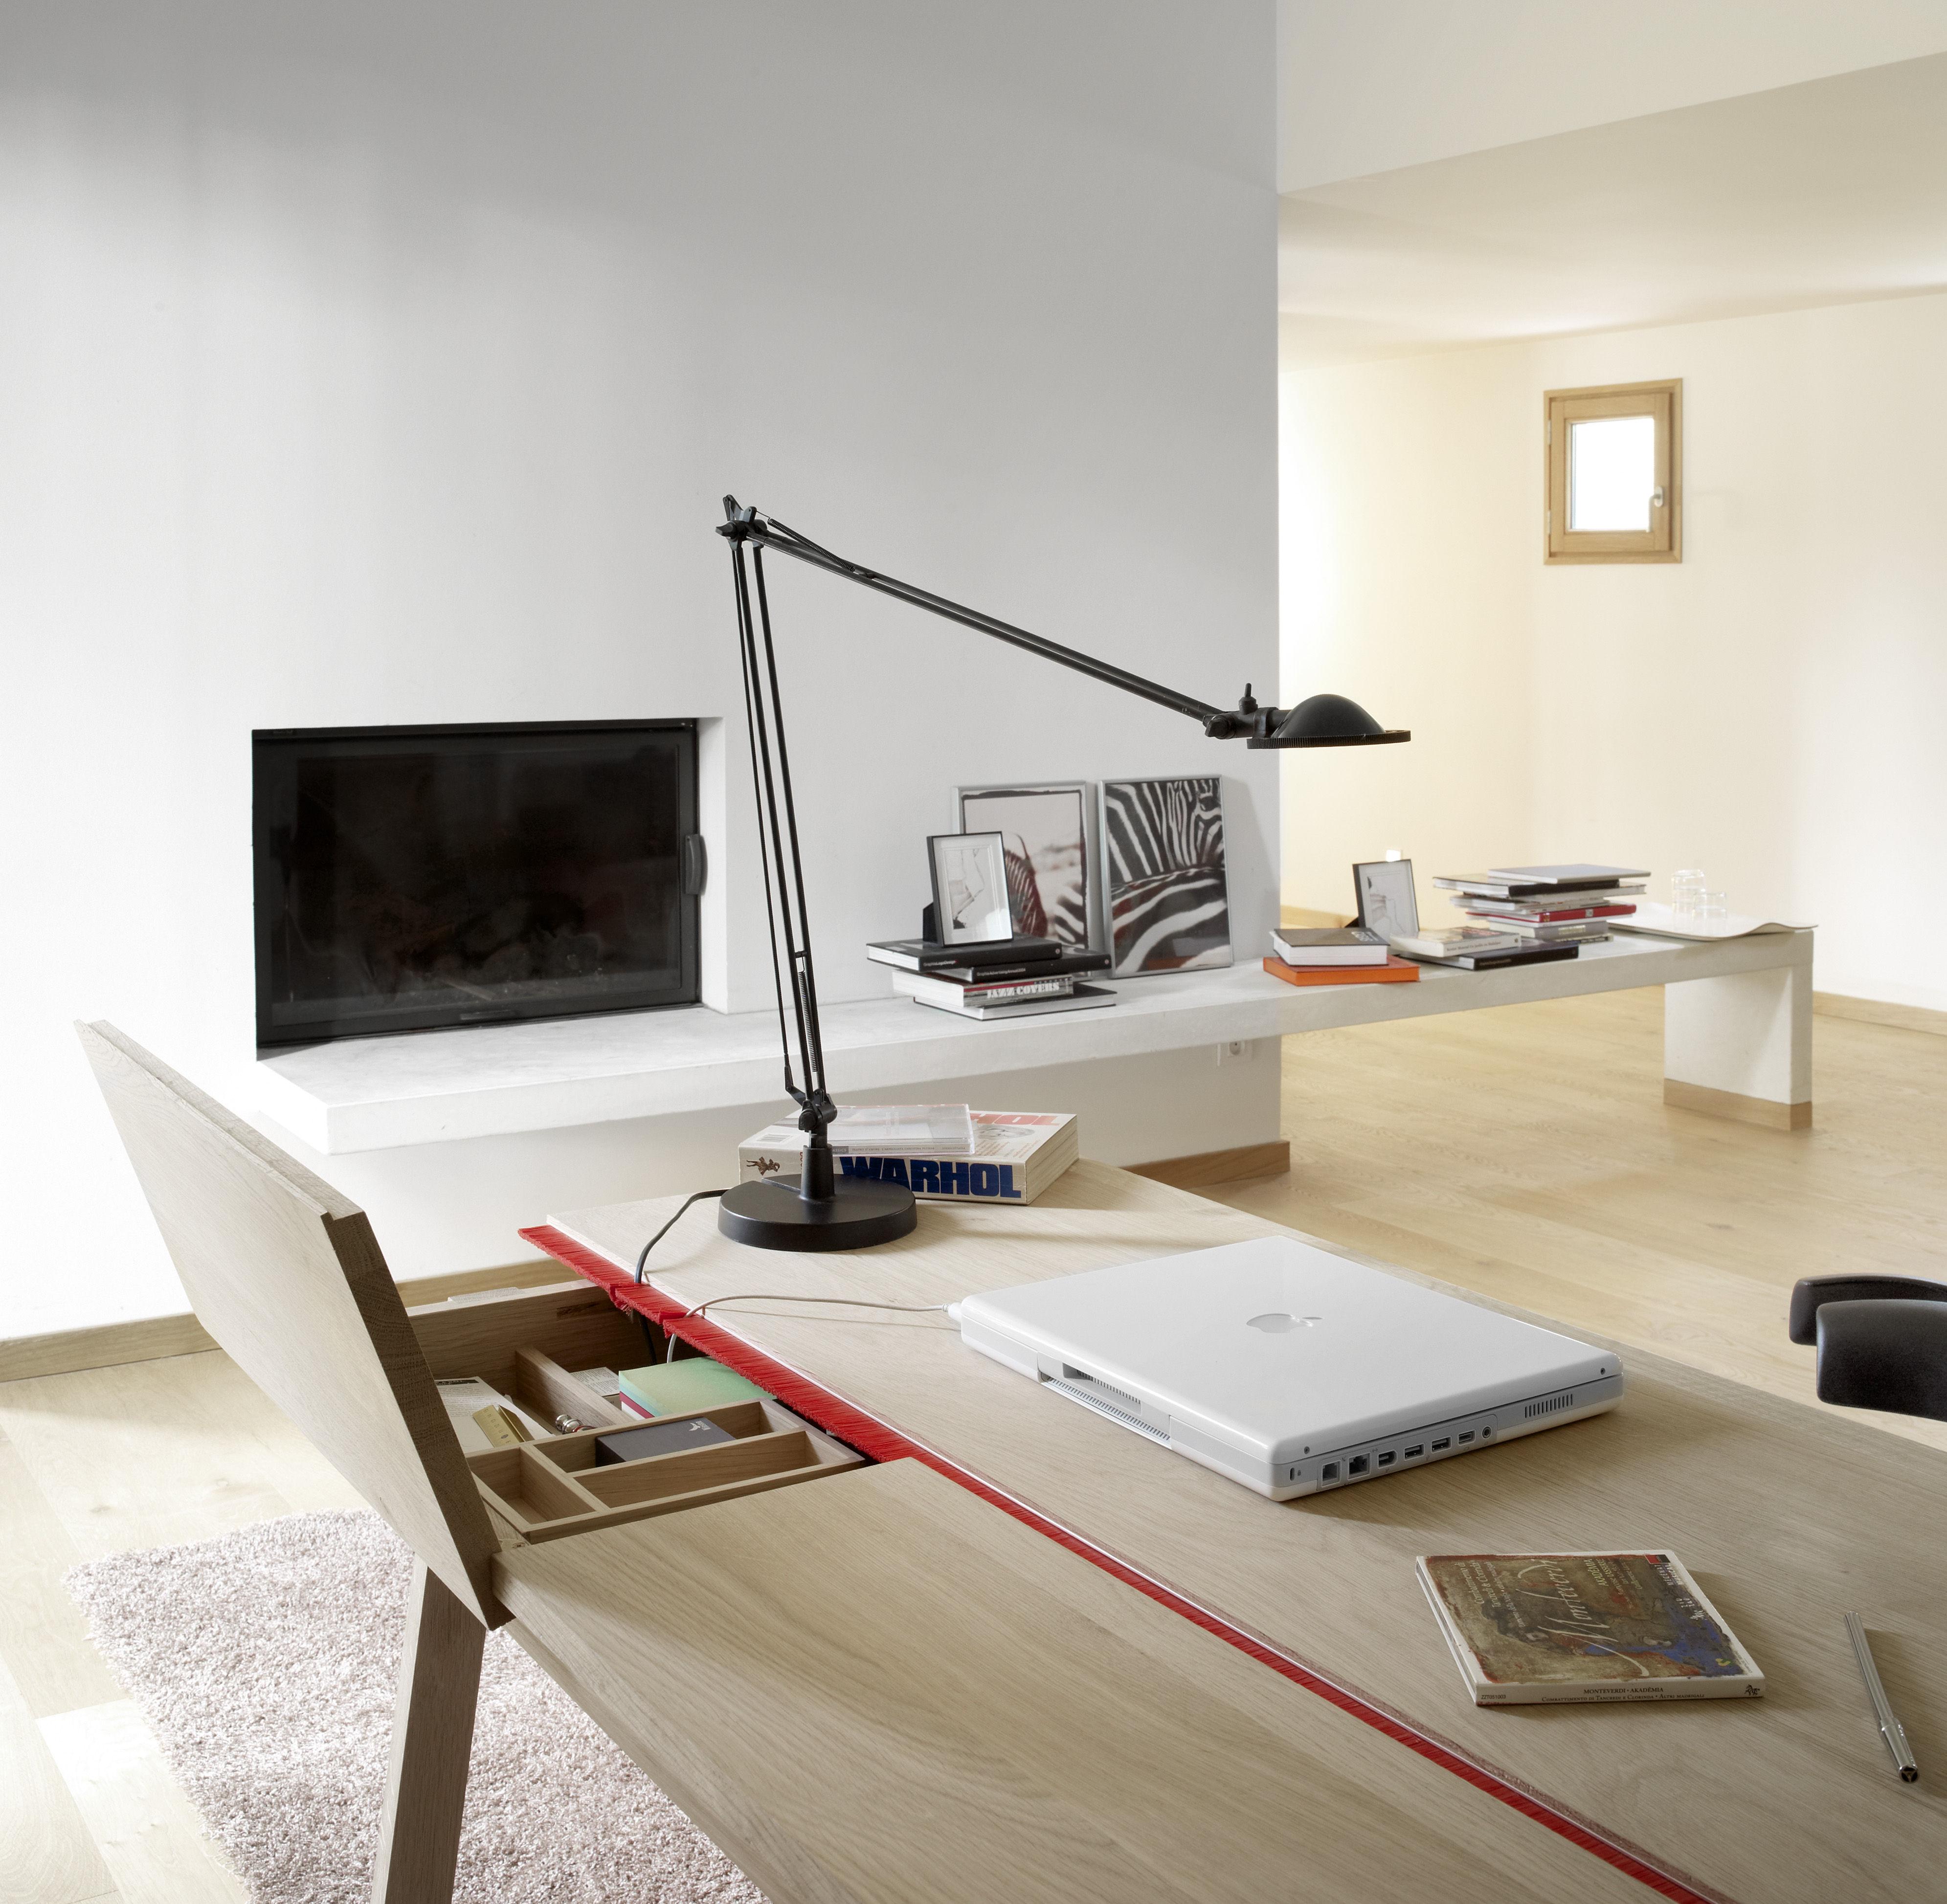 Landa Desk L 120 Cm 120 X 70 5 Cm Natural Oak By Alki